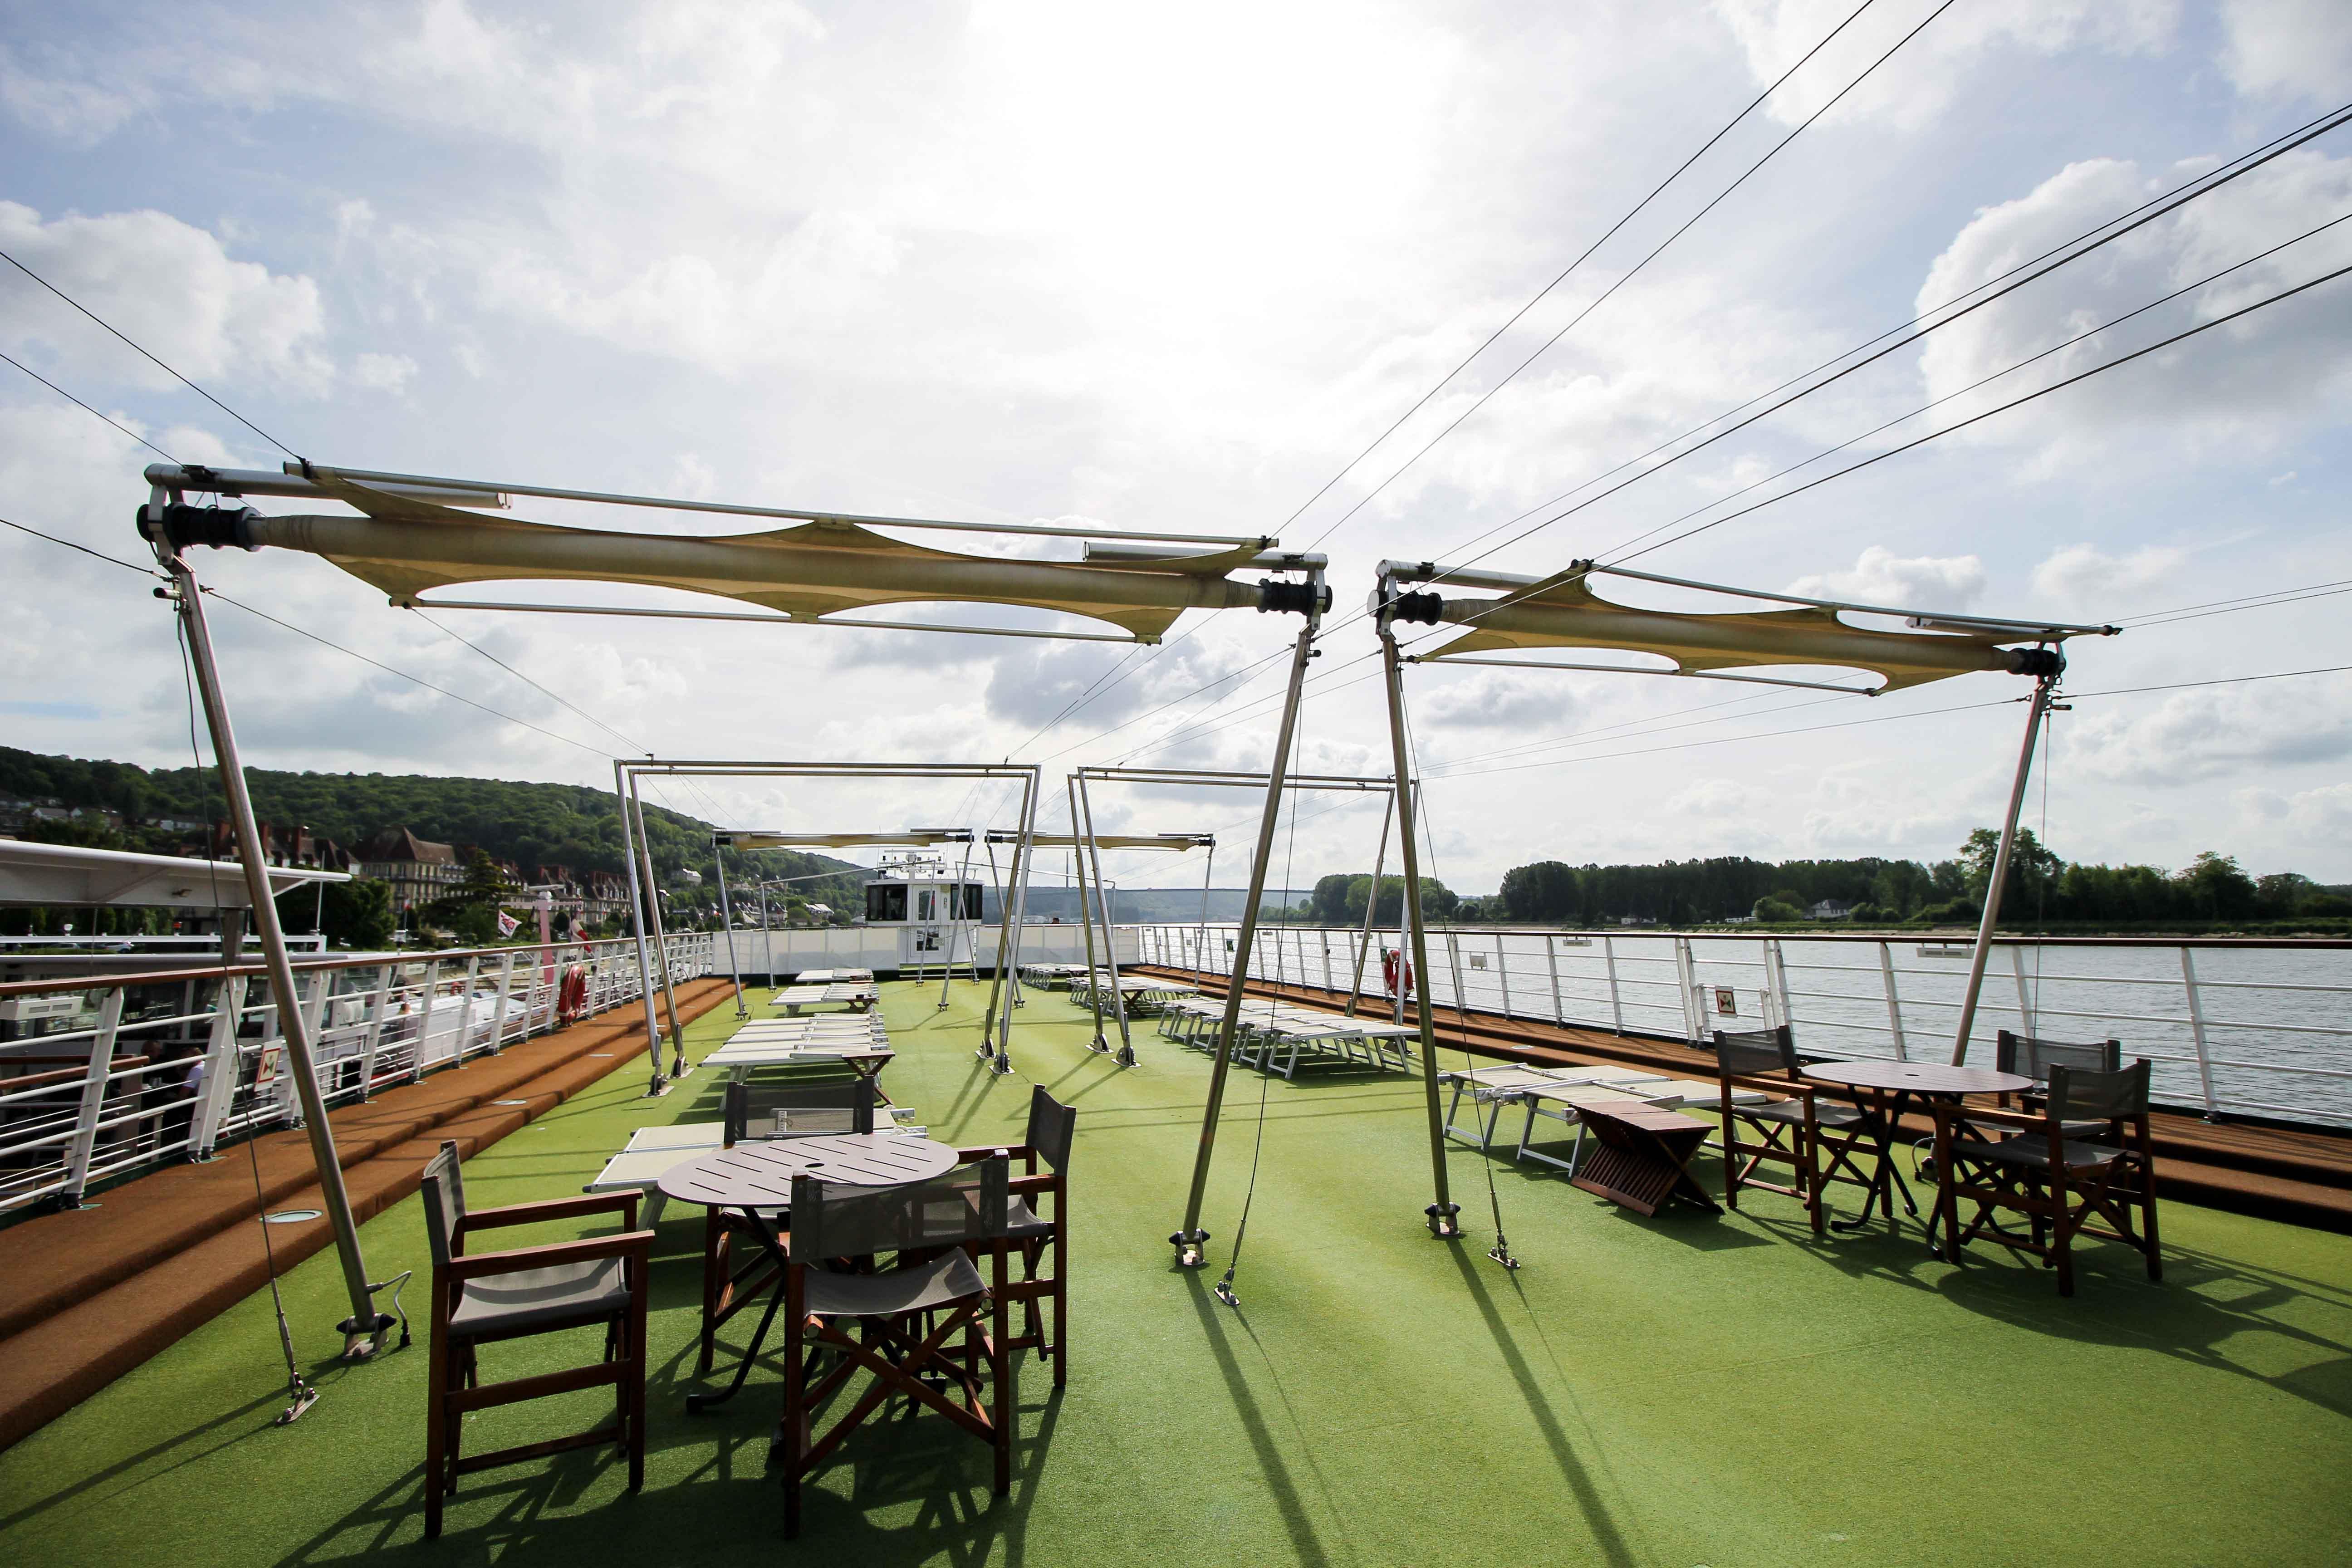 AROSA VIVA Seine Flusskreuzfahrt Kreuzfahrtschiff Deck Sonnendeck